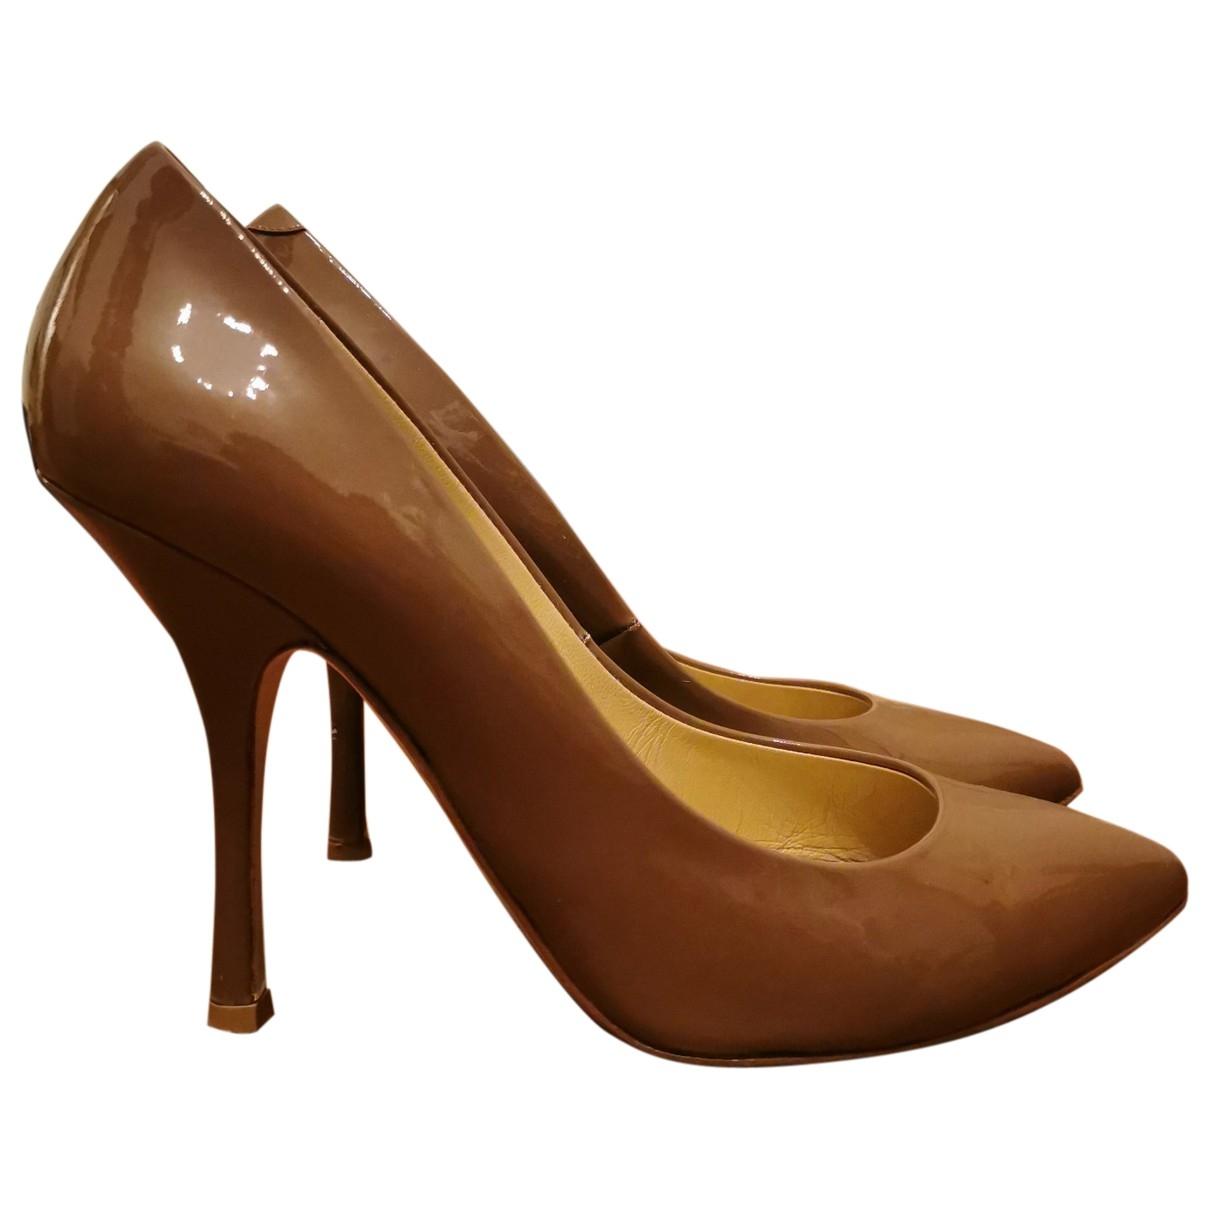 Giuseppe Zanotti \N Beige Patent leather Heels for Women 38.5 EU